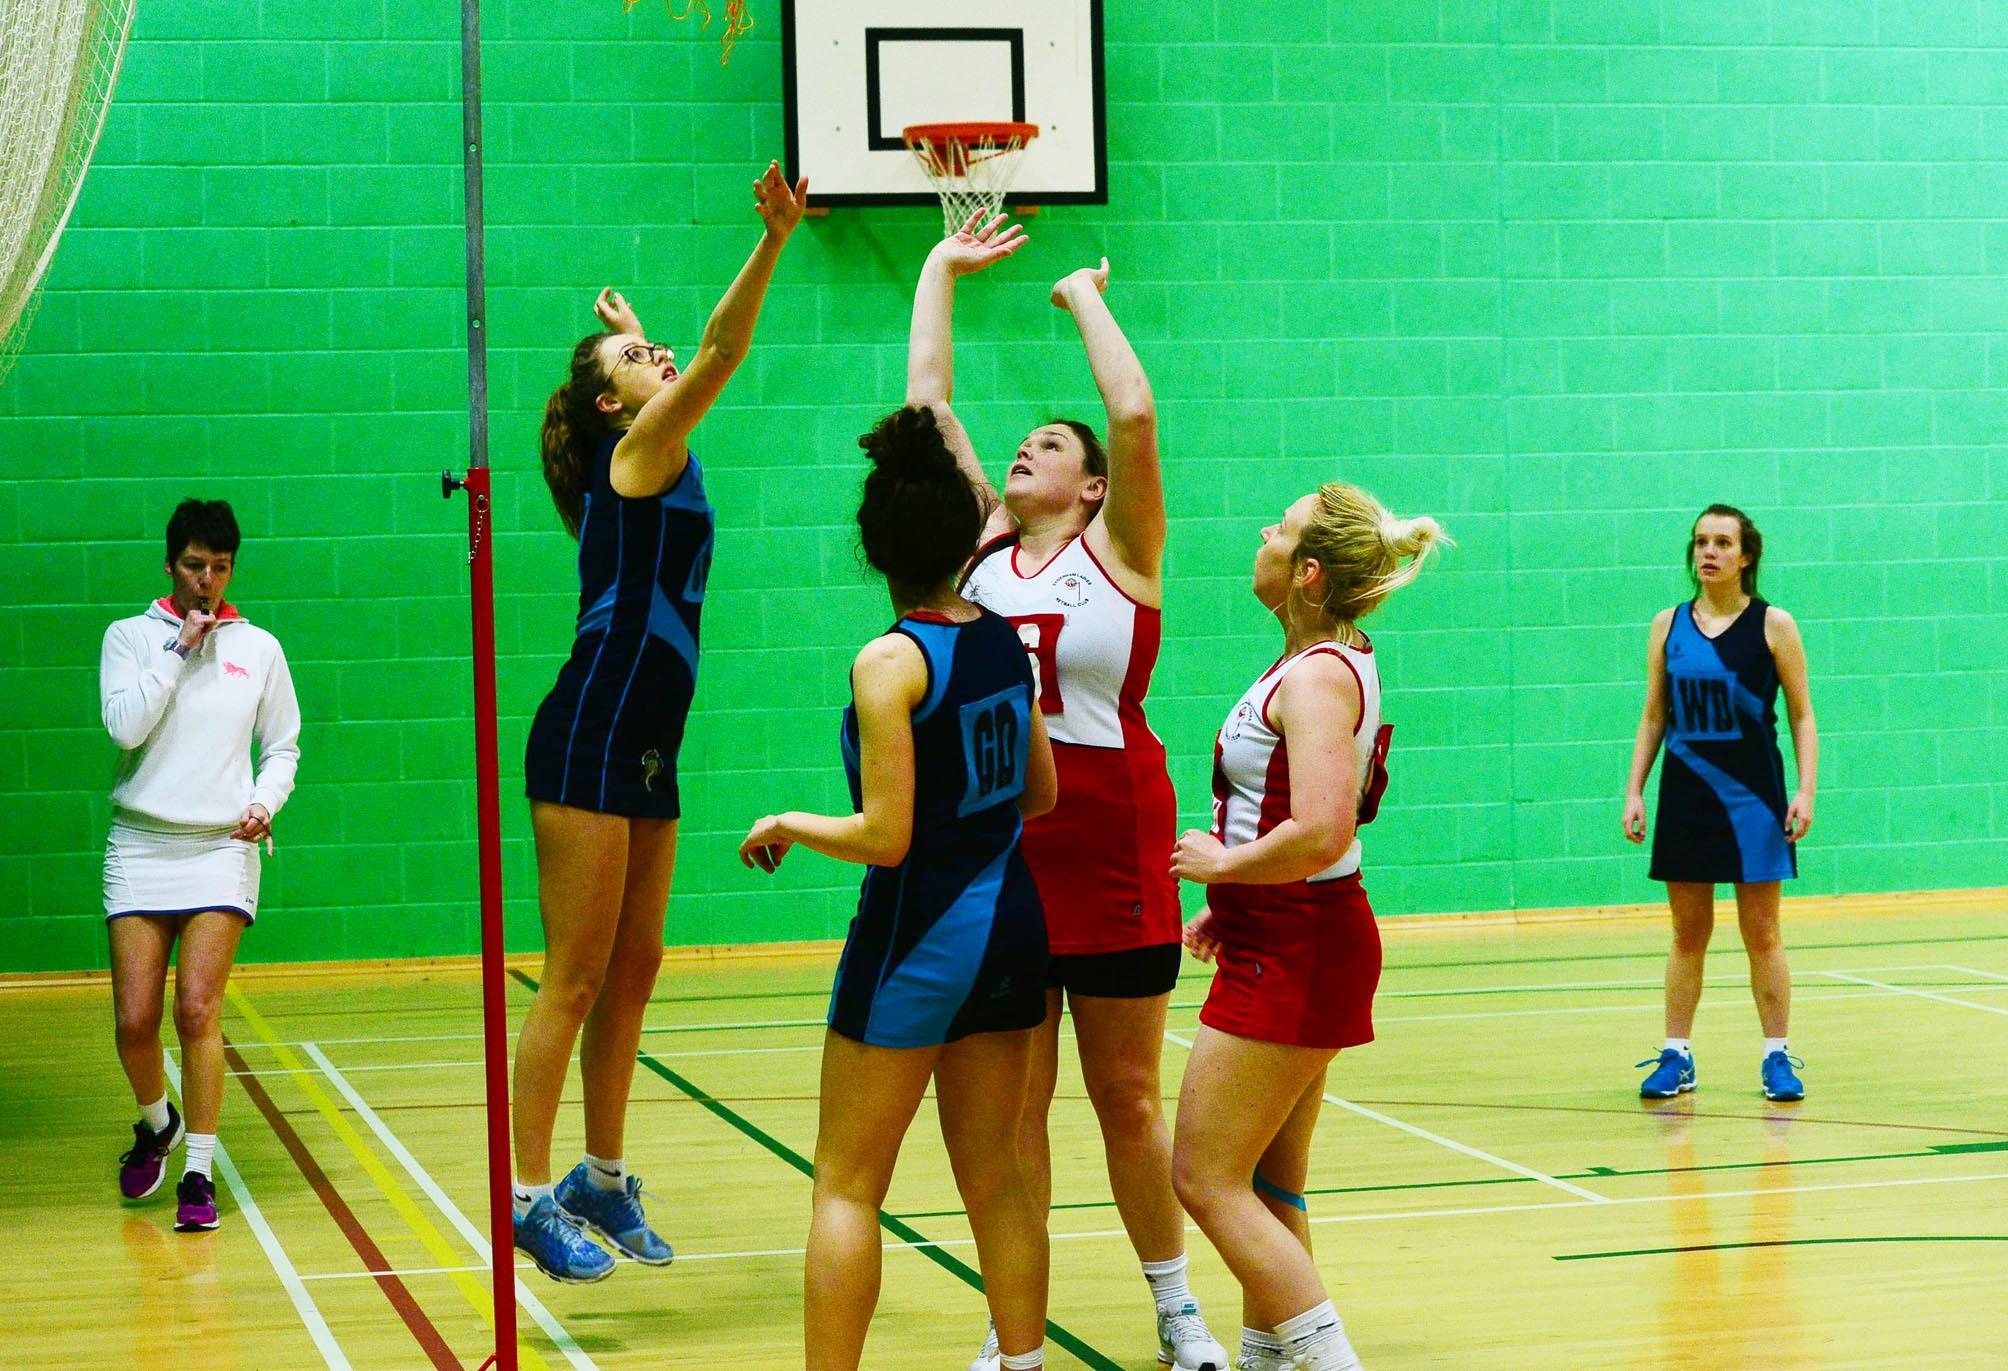 NETBALL: Bridgwater and Sydenham players in action ... - Bridgwater Mercury